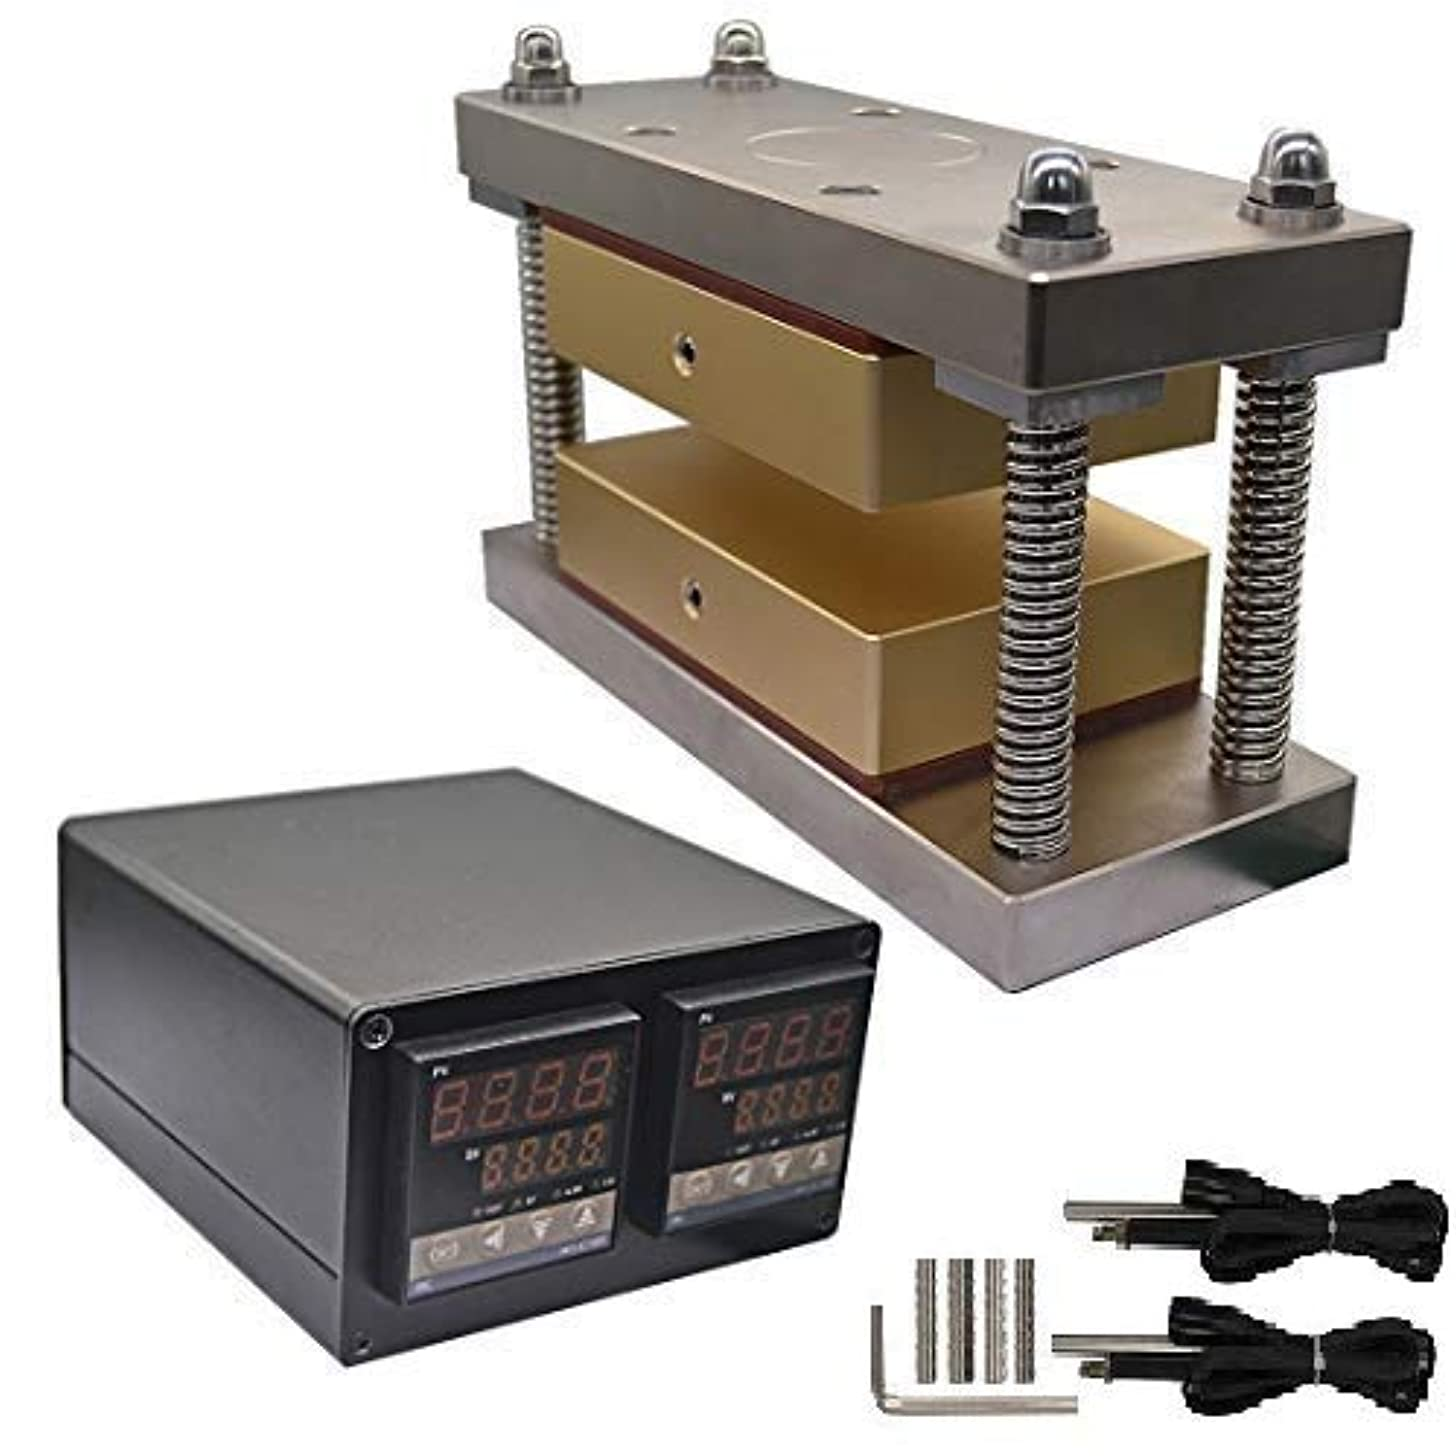 Tech-L Heat Press Plate Kit 4x6